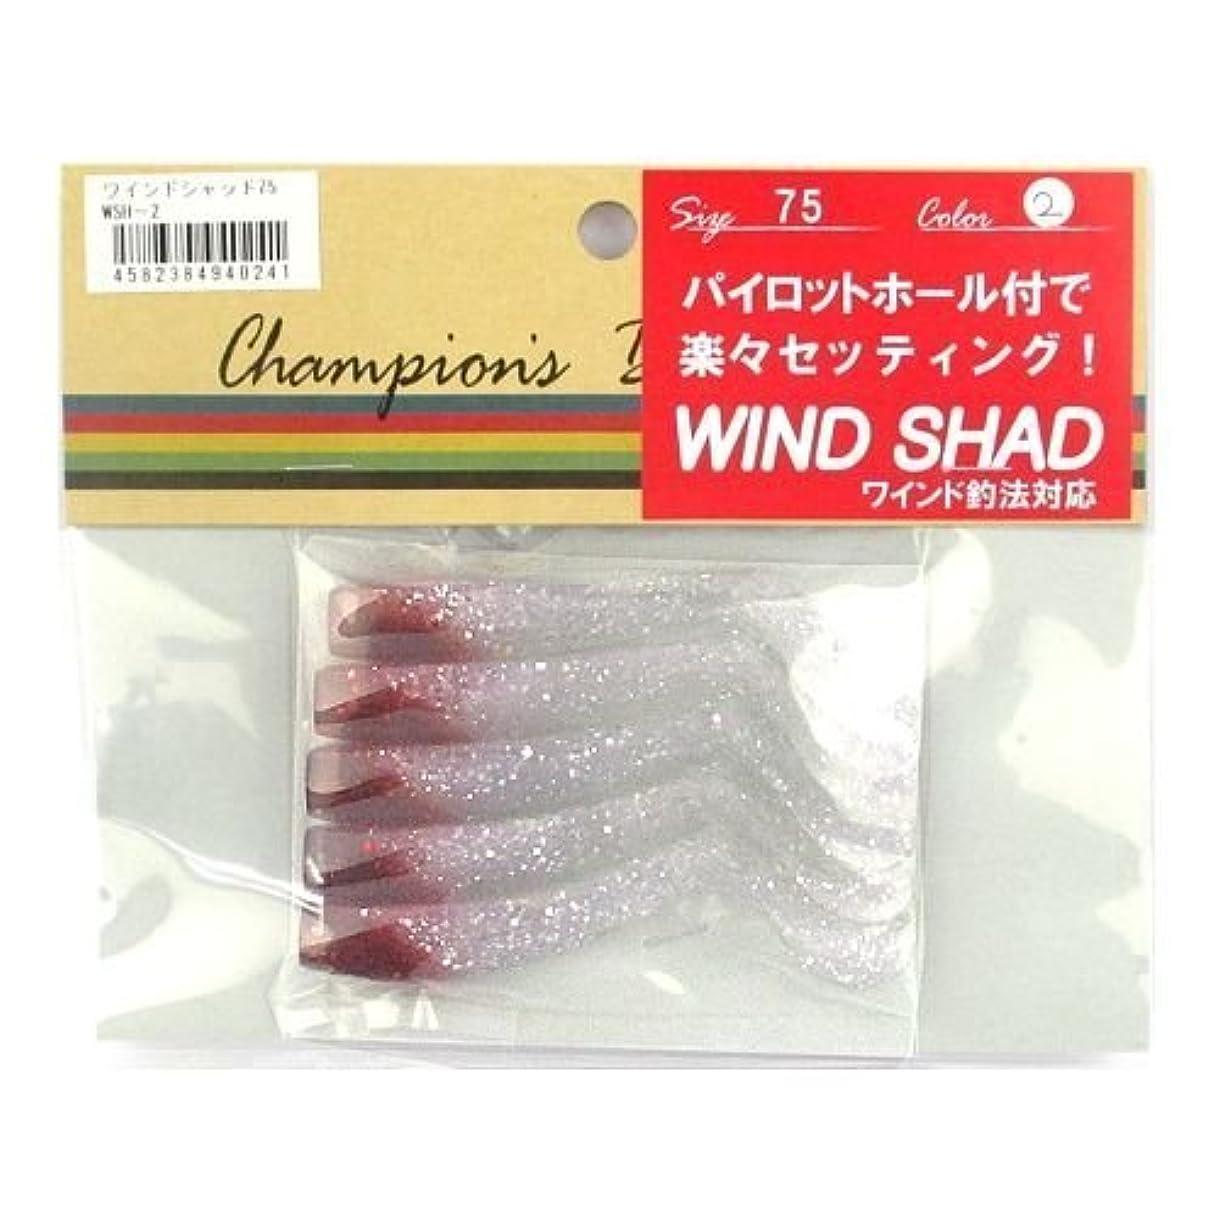 チャーミング二年生売るオンスタックルデザイン ワインドシャッド 75 02 スパークルレッドヘッド